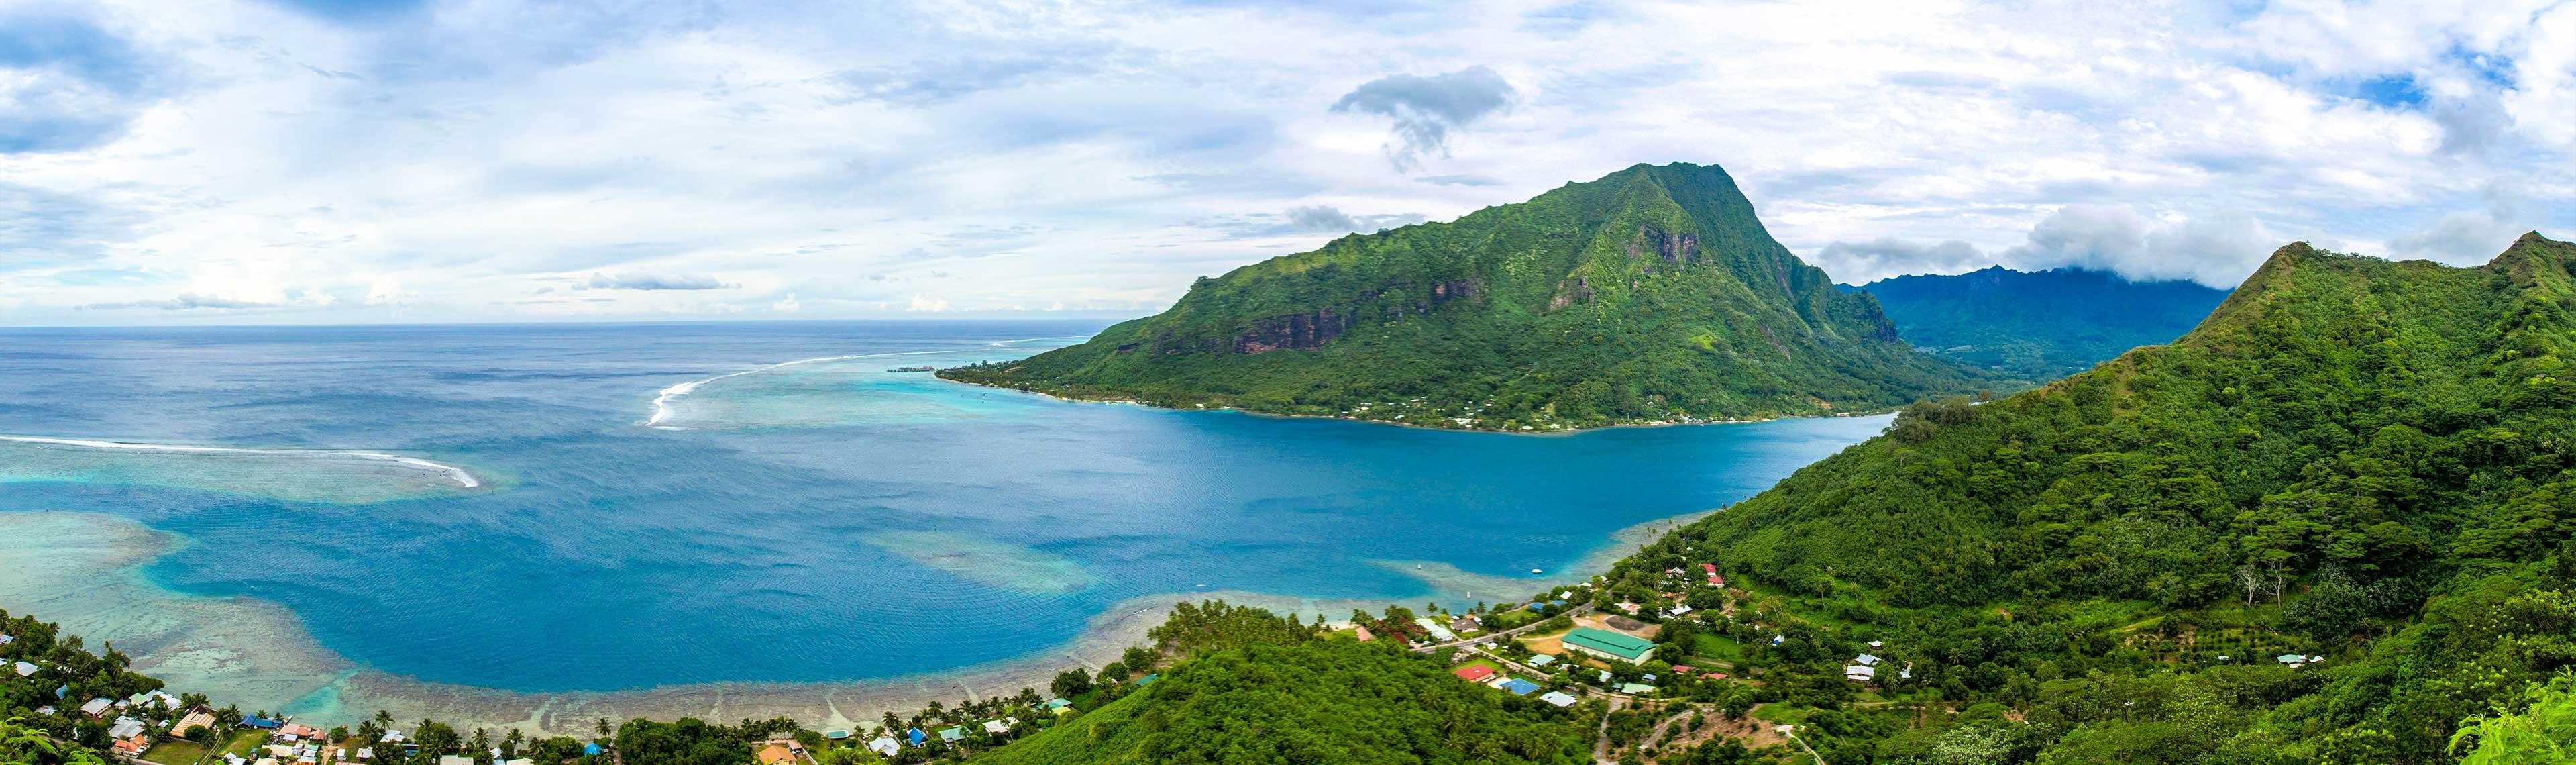 Tahiti Itinerary